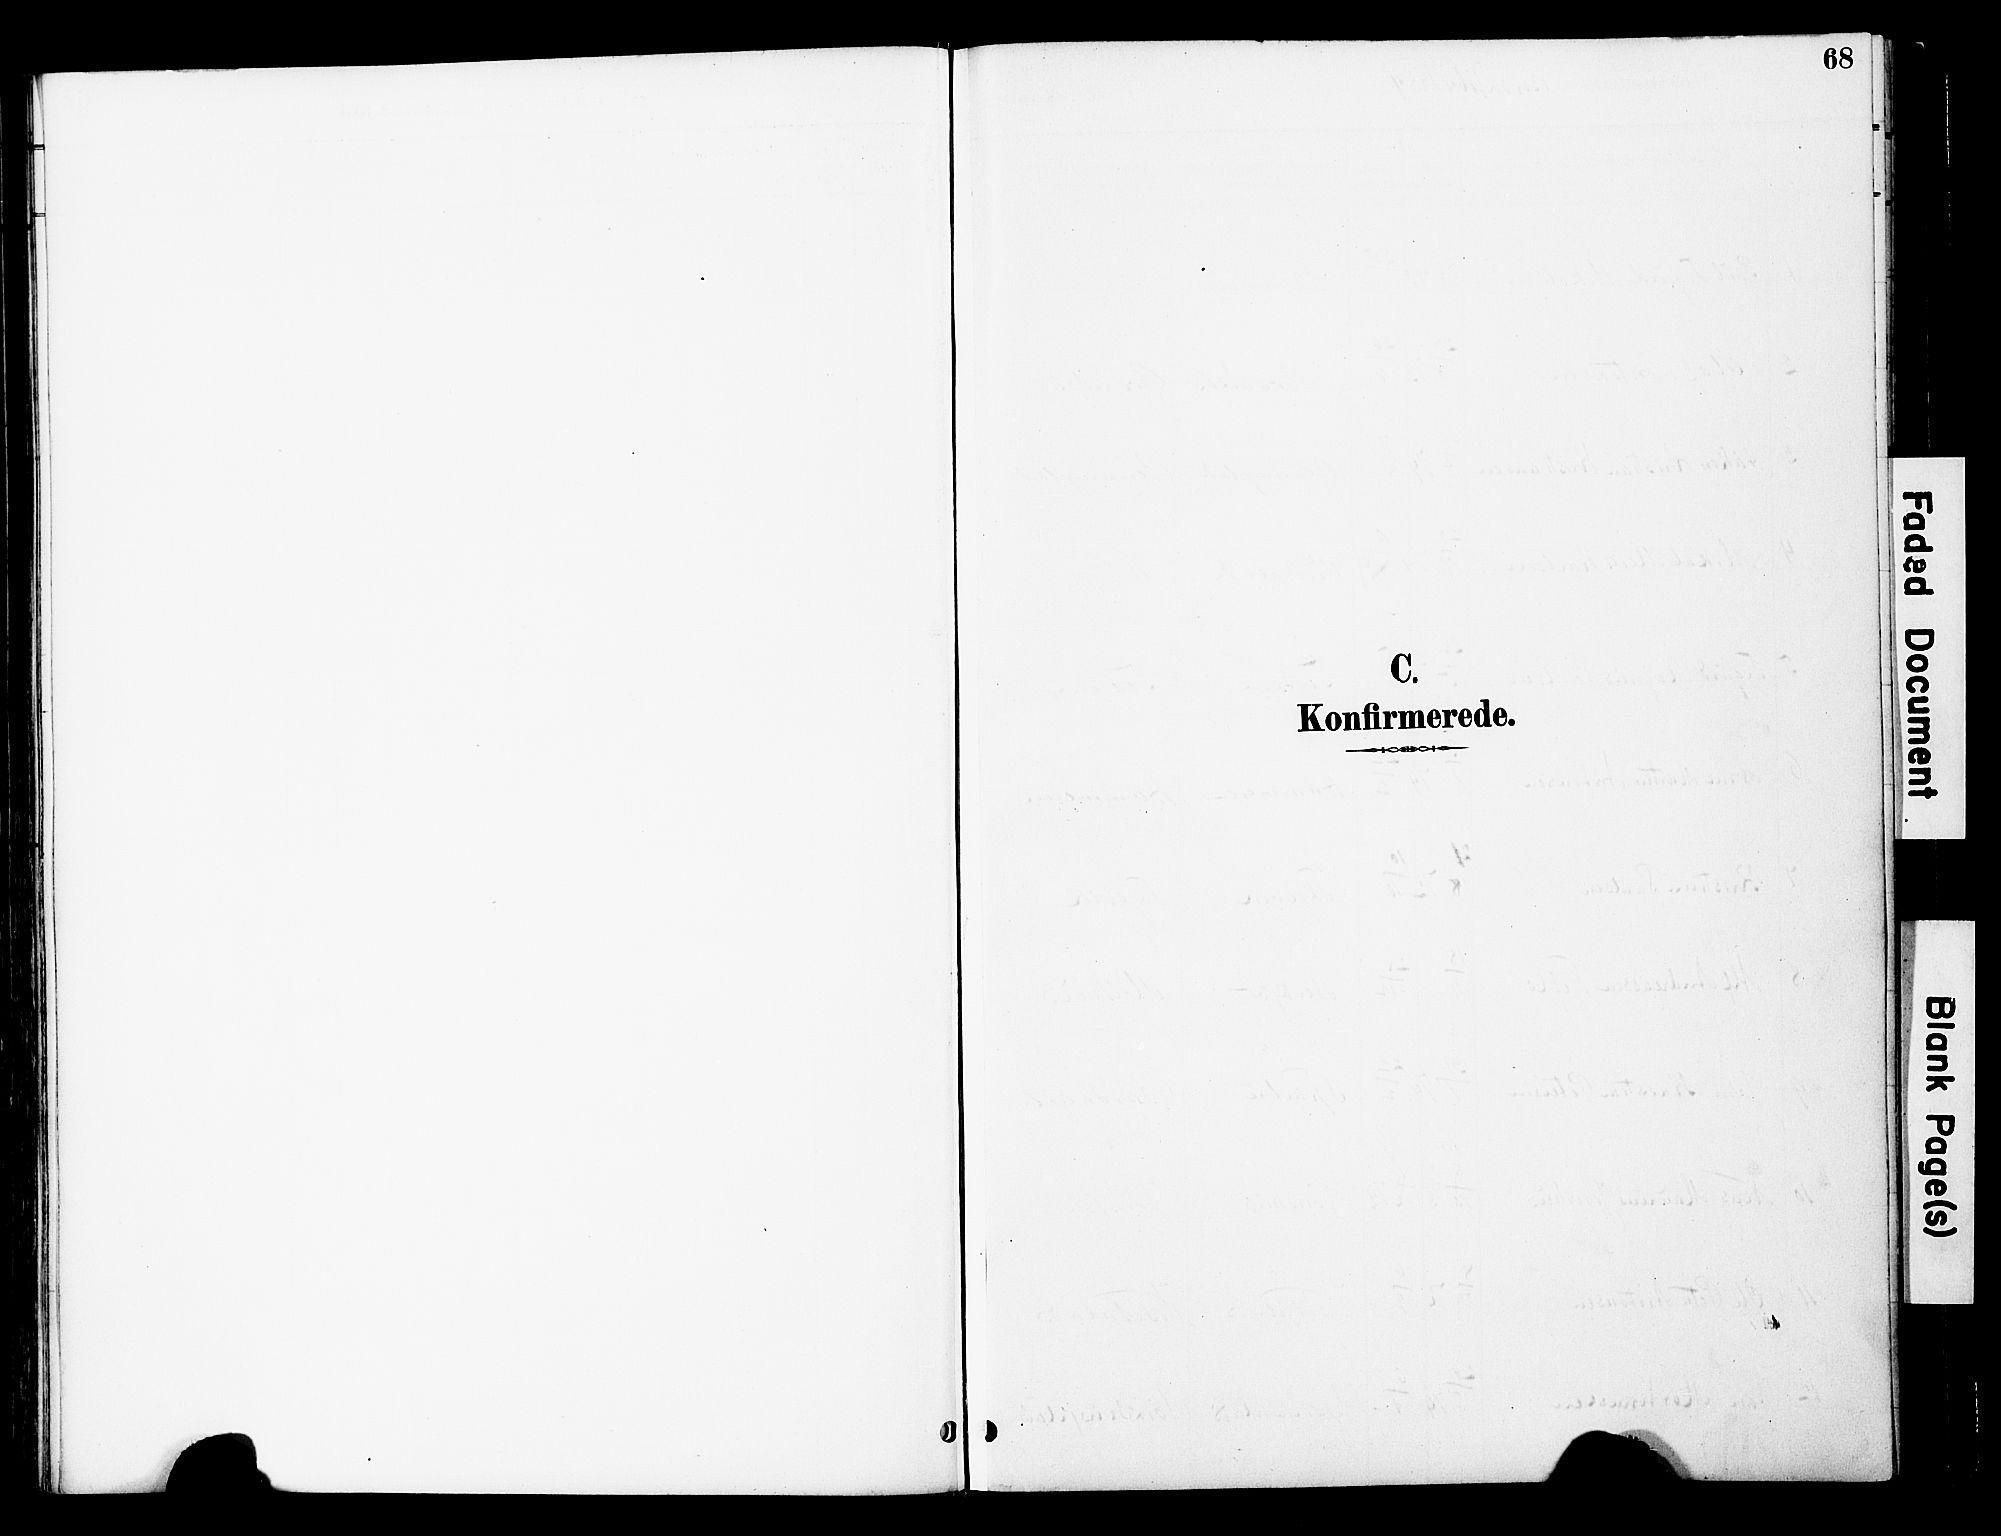 SAT, Ministerialprotokoller, klokkerbøker og fødselsregistre - Nord-Trøndelag, 741/L0396: Ministerialbok nr. 741A10, 1889-1901, s. 68